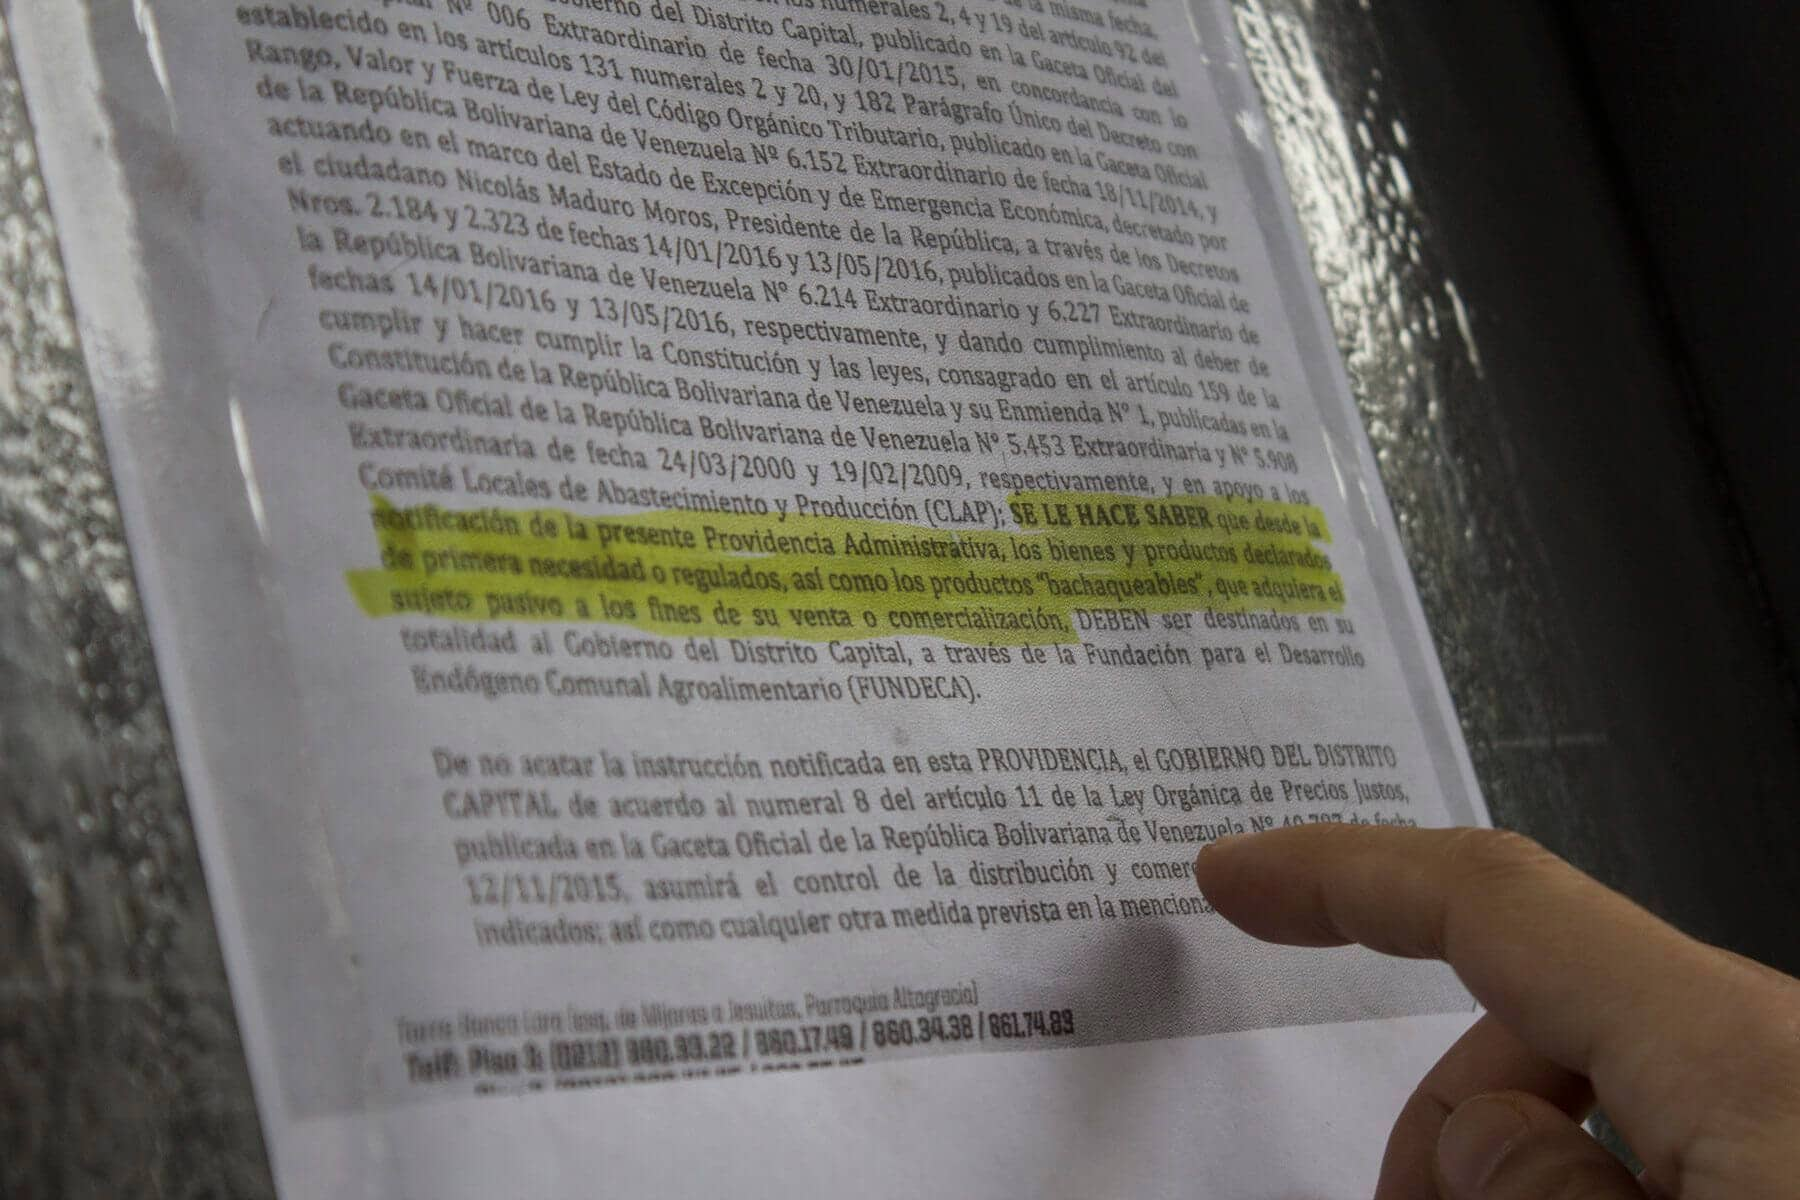 b3ccd0e12 En los comercios del centro de Caracas están las notificaciones que indican  que los productos sensibles serán para el Gobierno del Distrito Capital